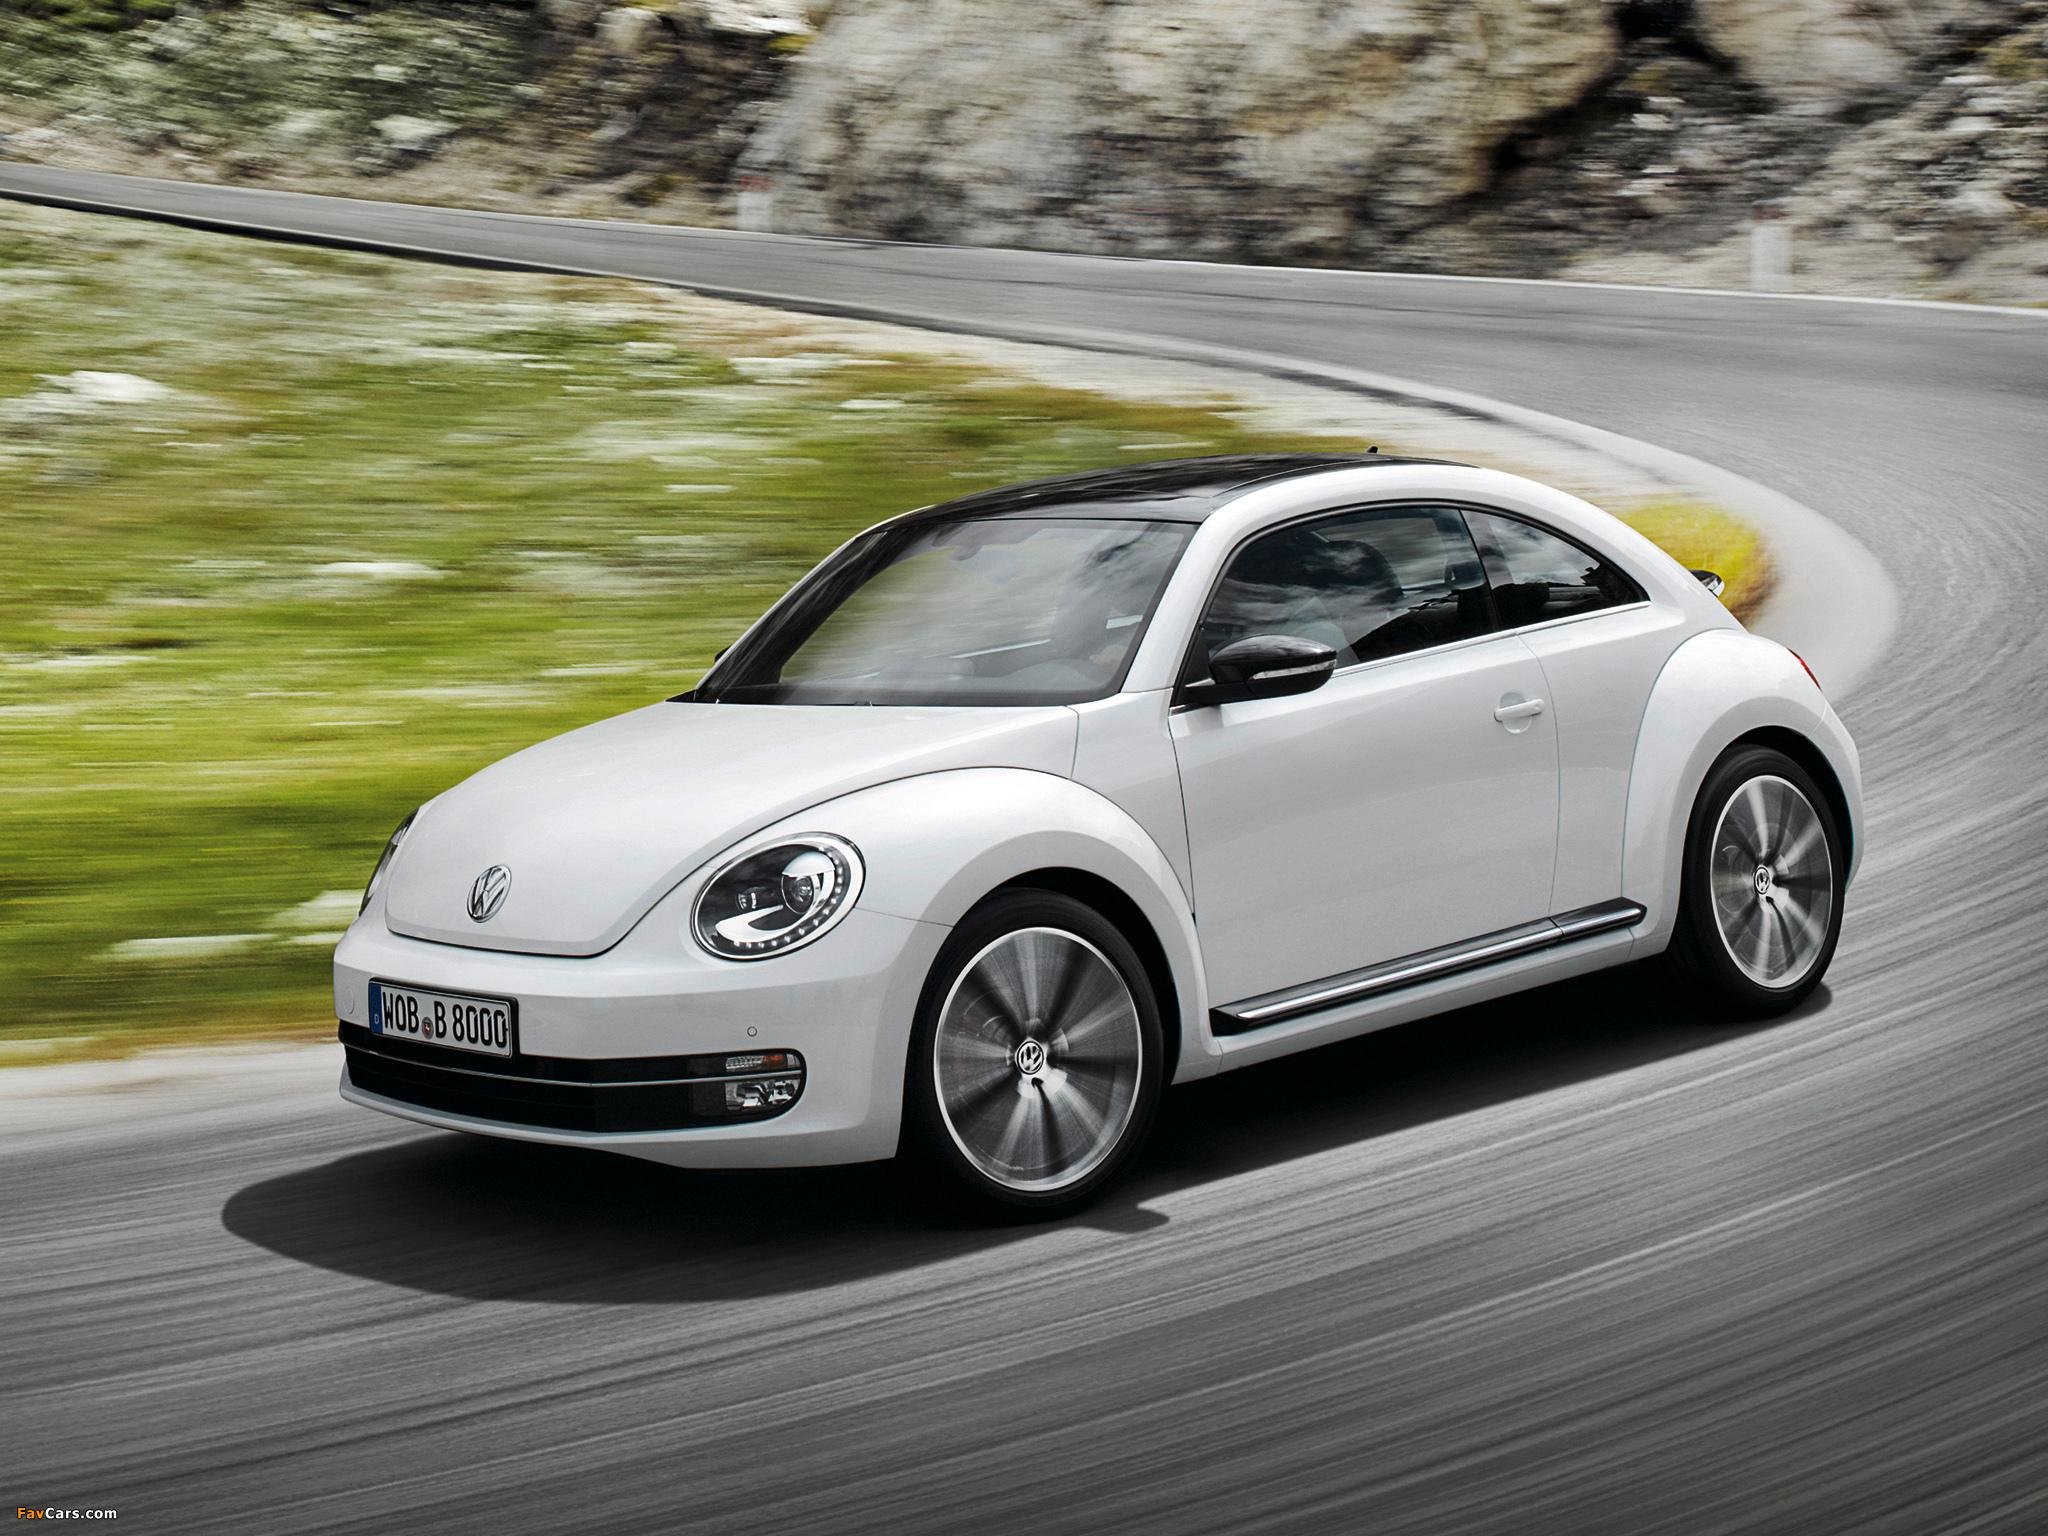 volkswagen beetle turbo 2011 images 2048x1536